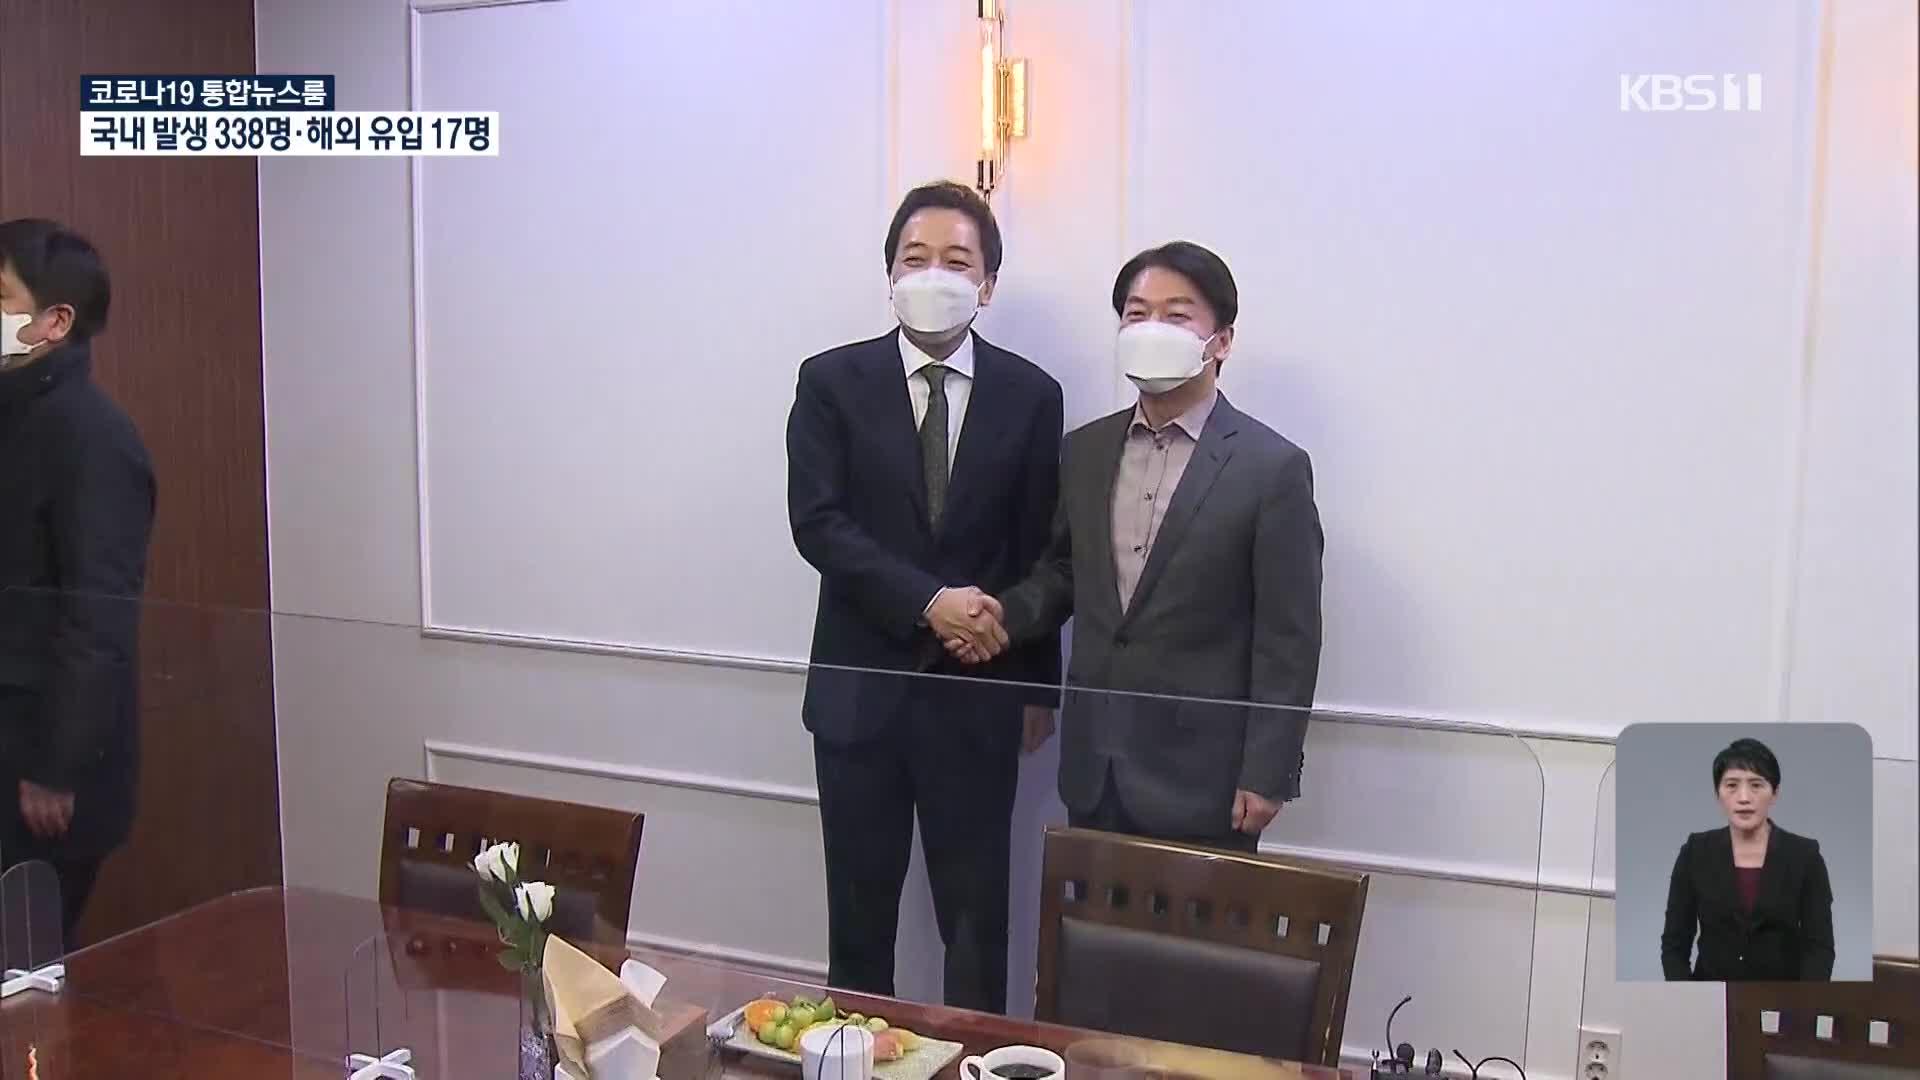 안철수 금태섭과 단일화…민주당 오늘 서울시장 후보선출